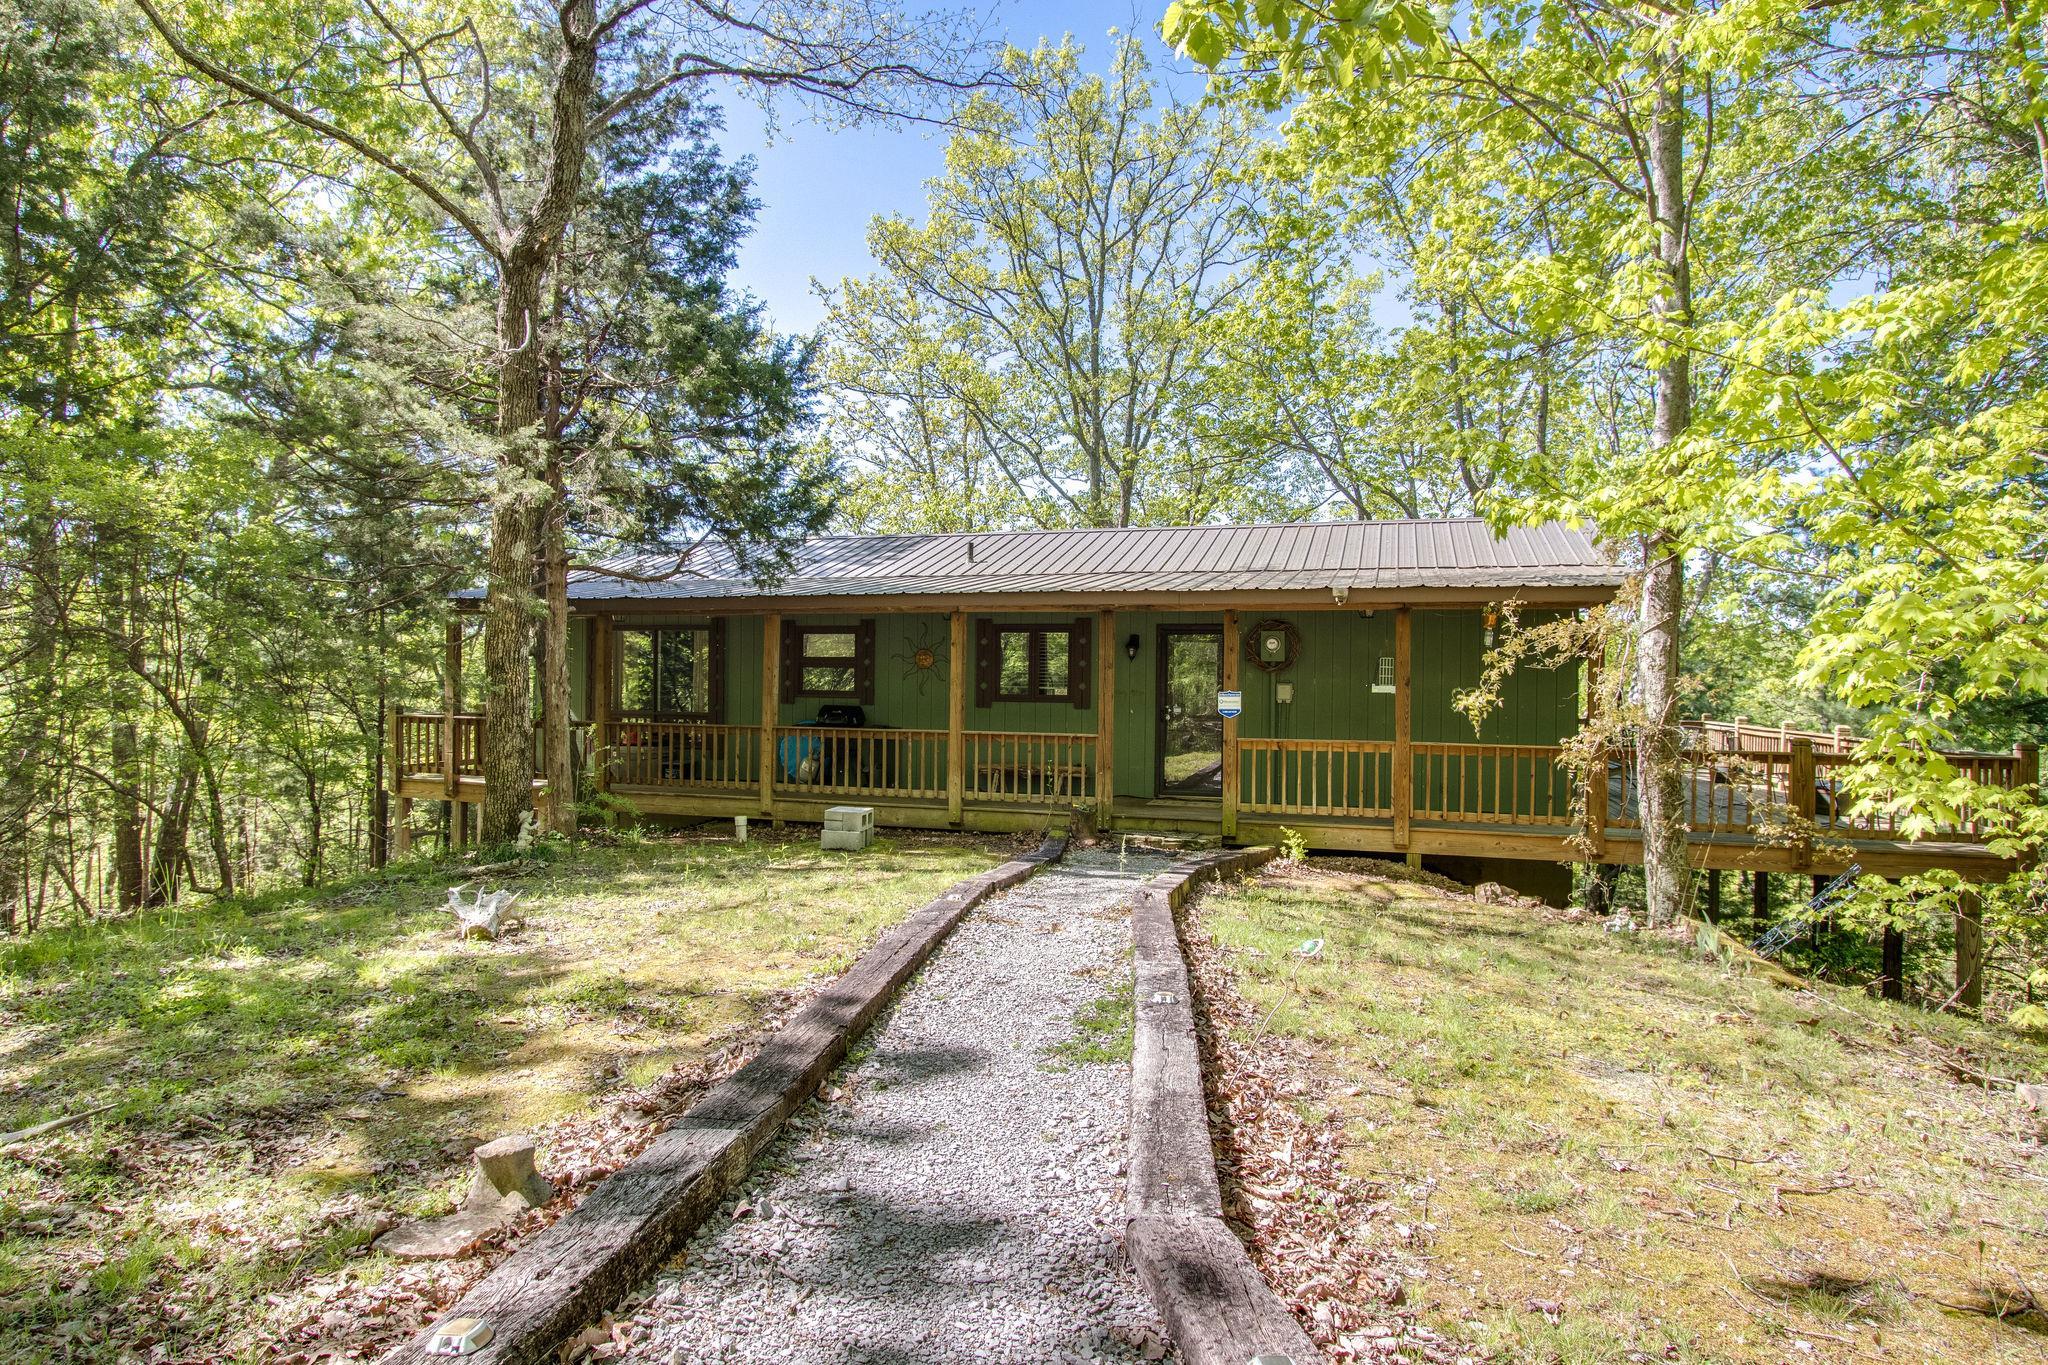 357 Mountain View Dr, Smithville, TN 37166 - Smithville, TN real estate listing